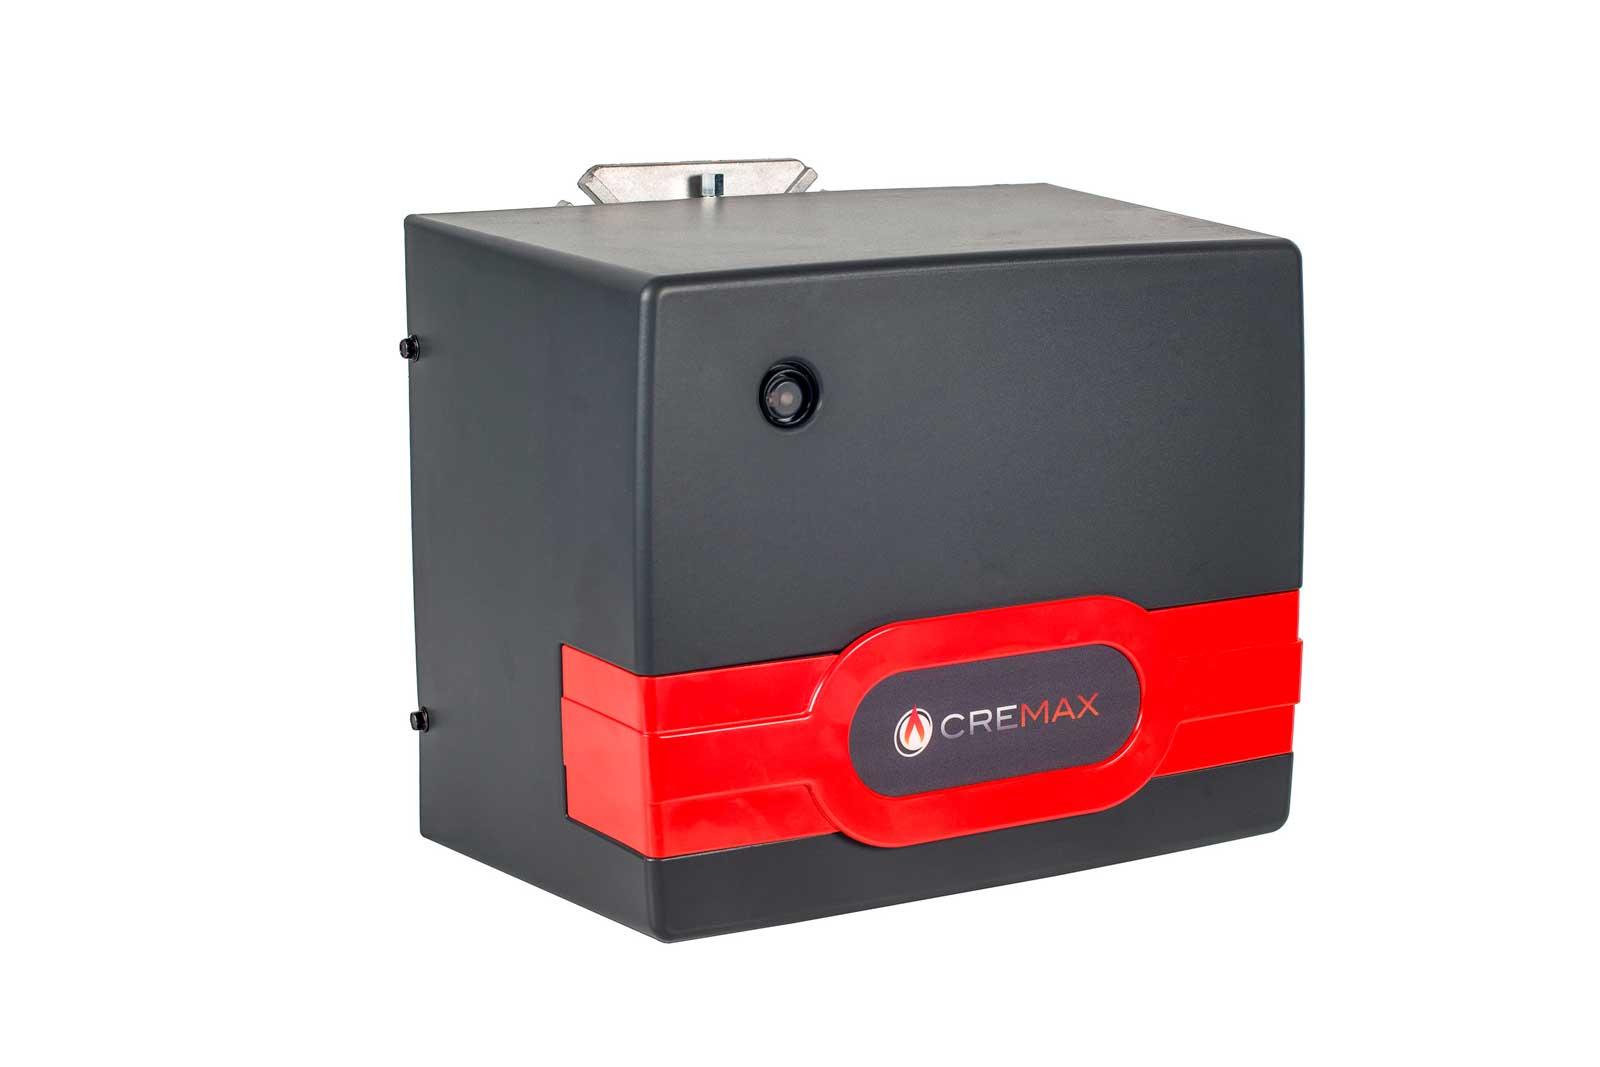 quemador cremax gasoleo 2 llamas salto presion 23Kw a 355kw flamax eficiencia energetica